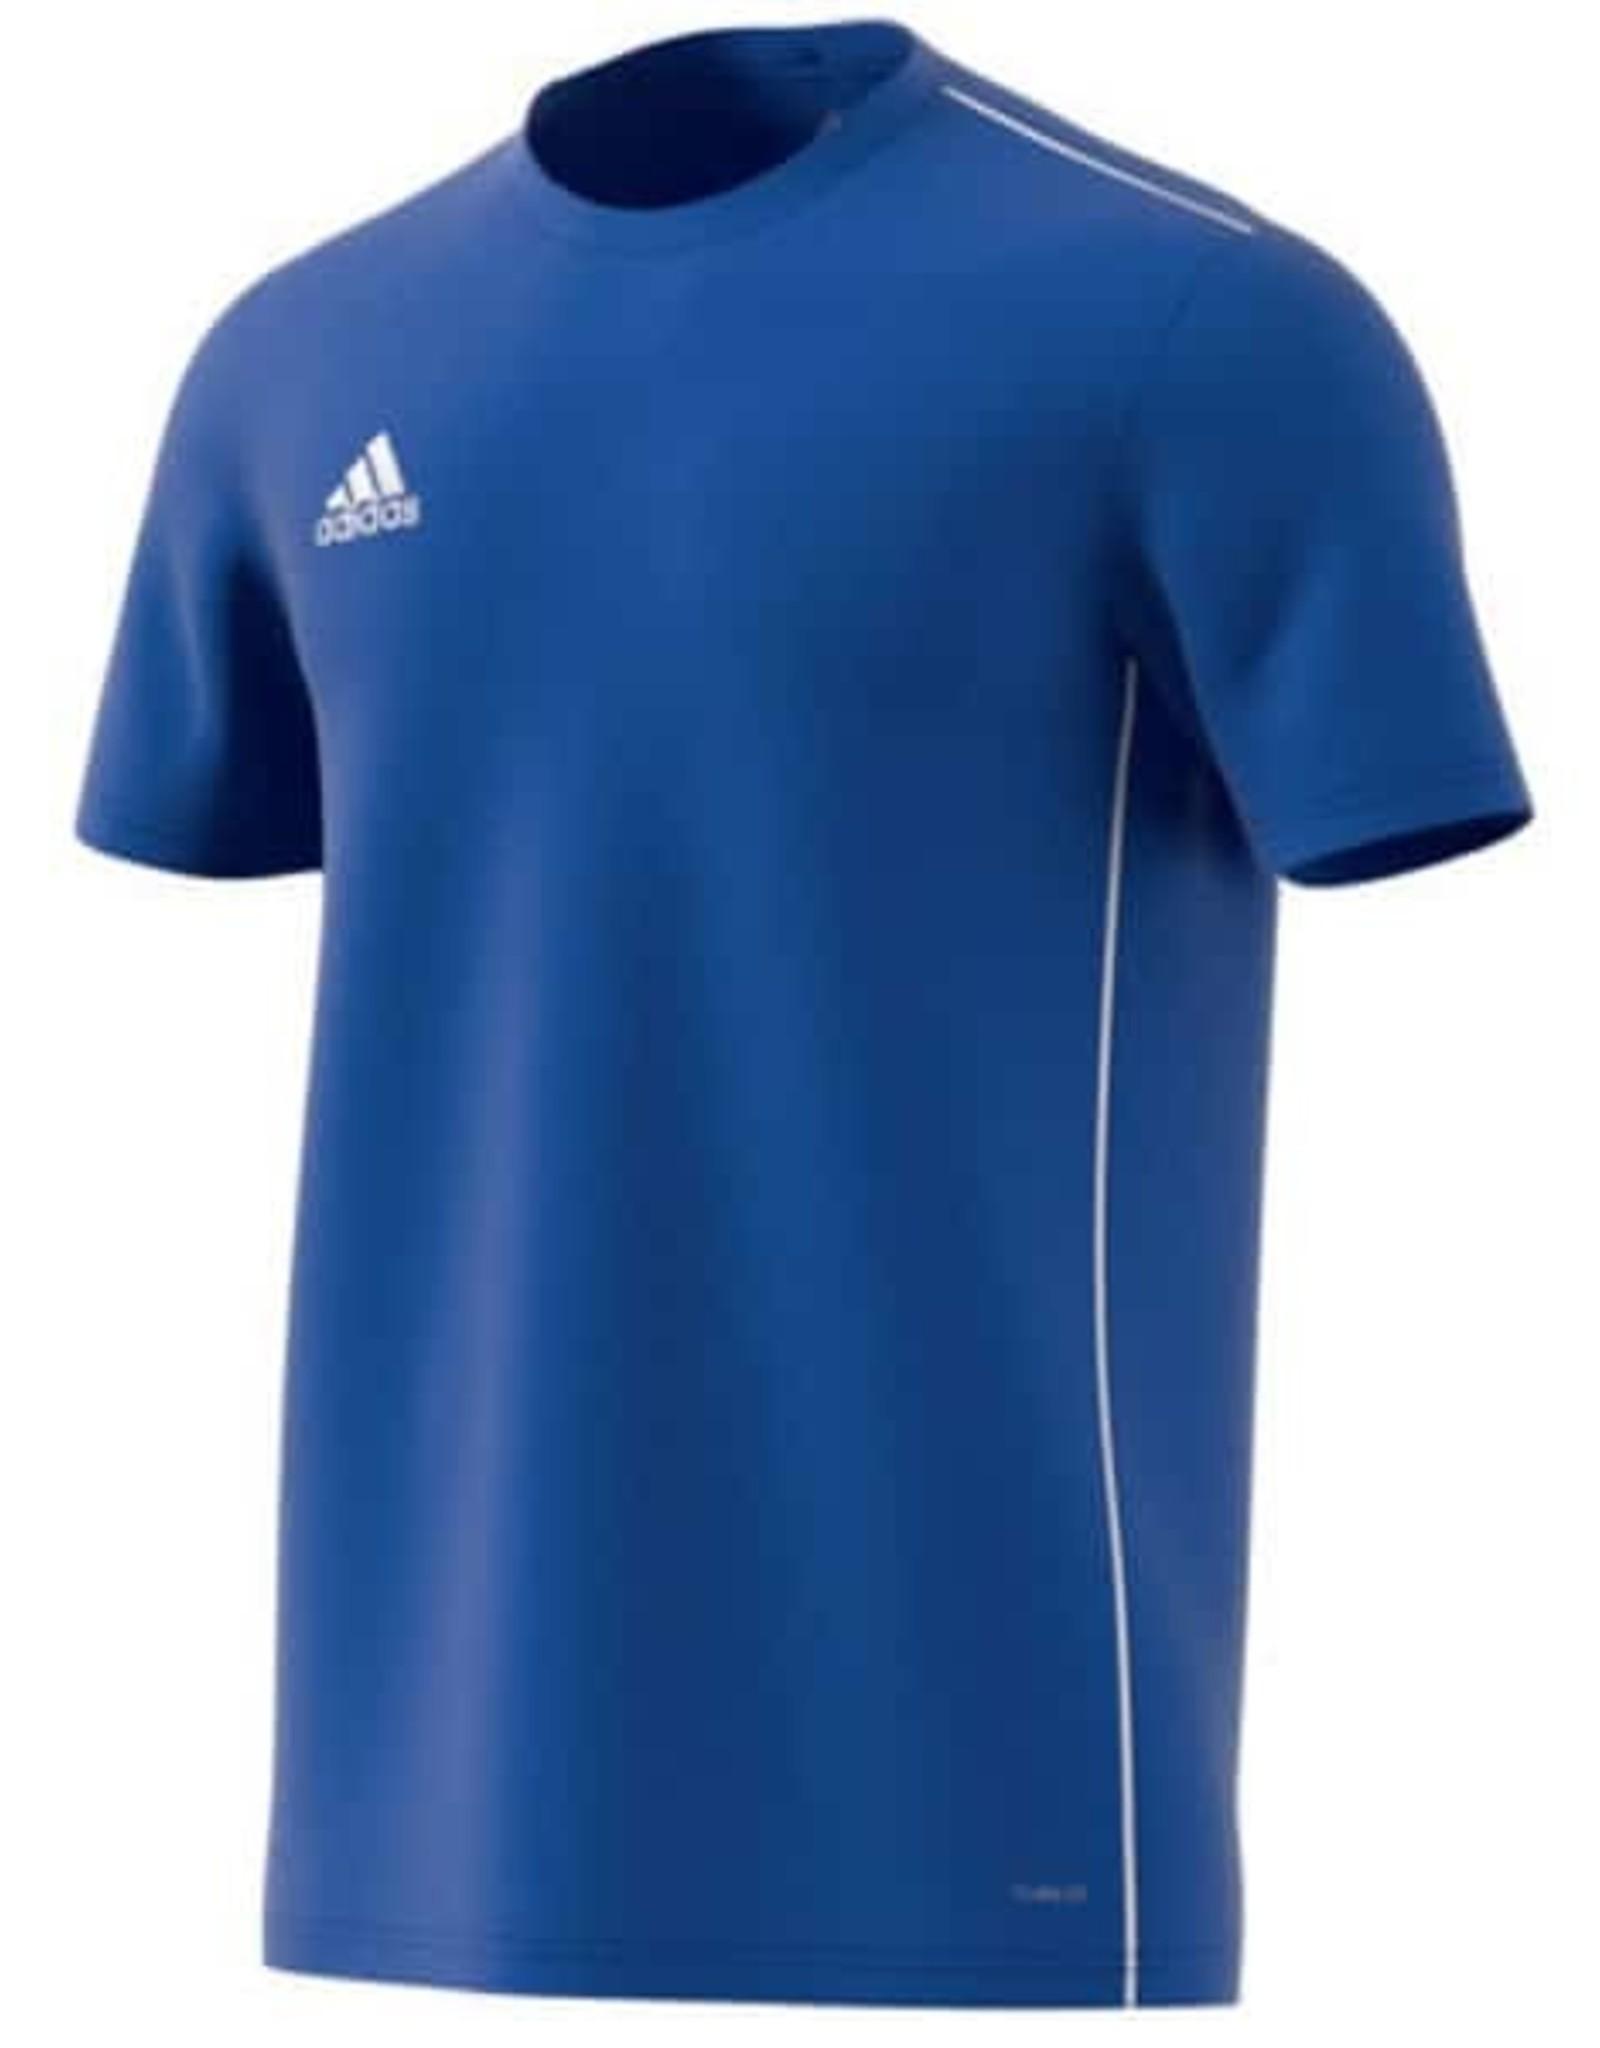 Adidas Adidas Core 18 Jersey